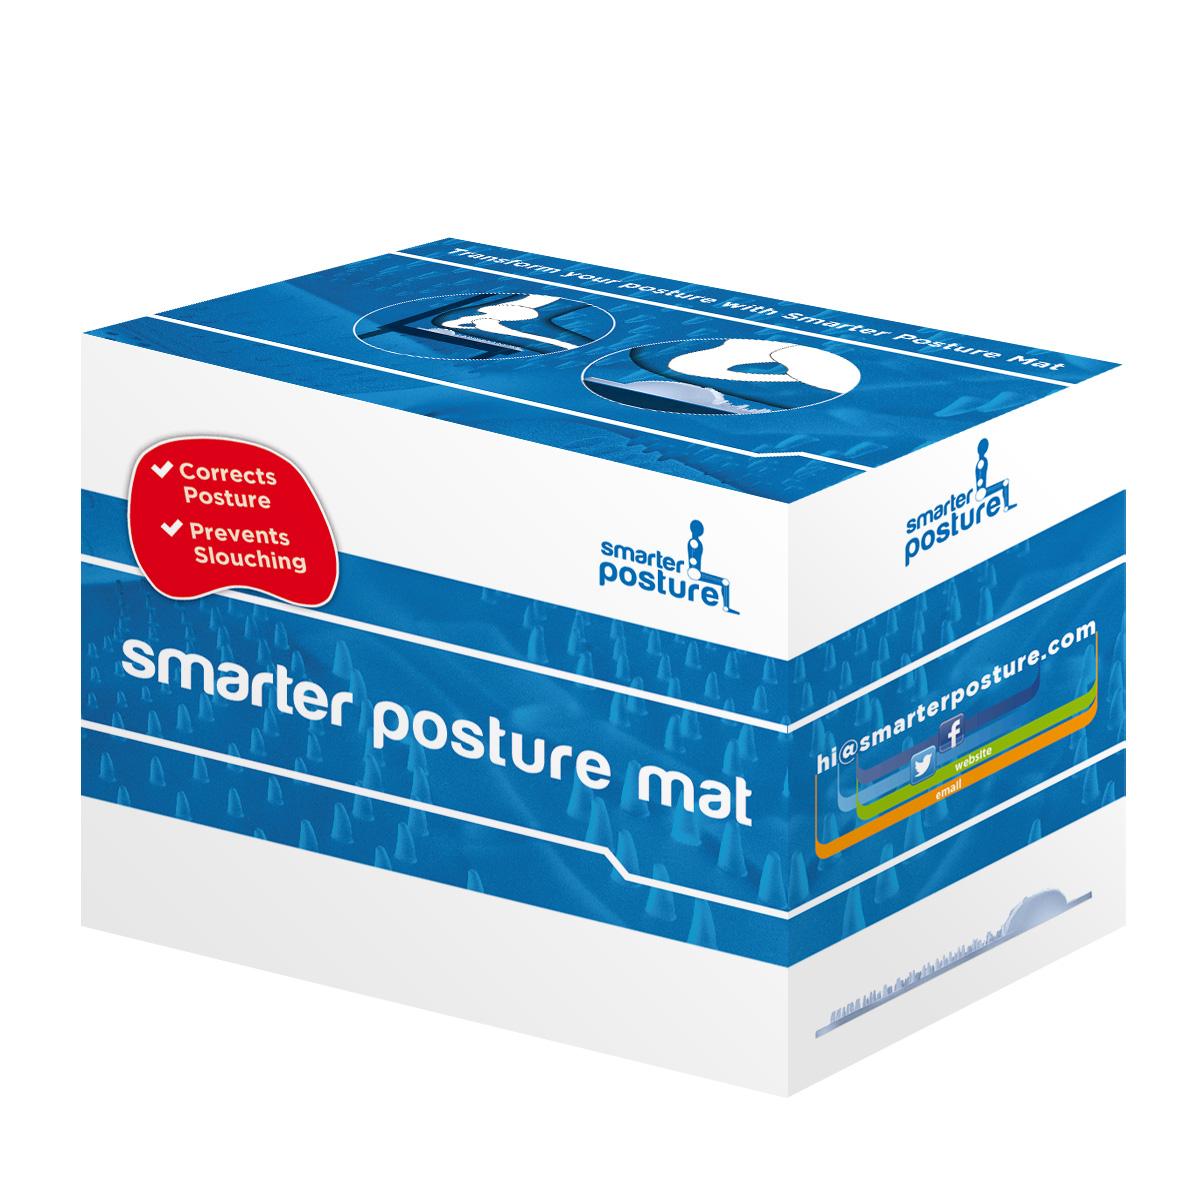 Smarter Posture packaging